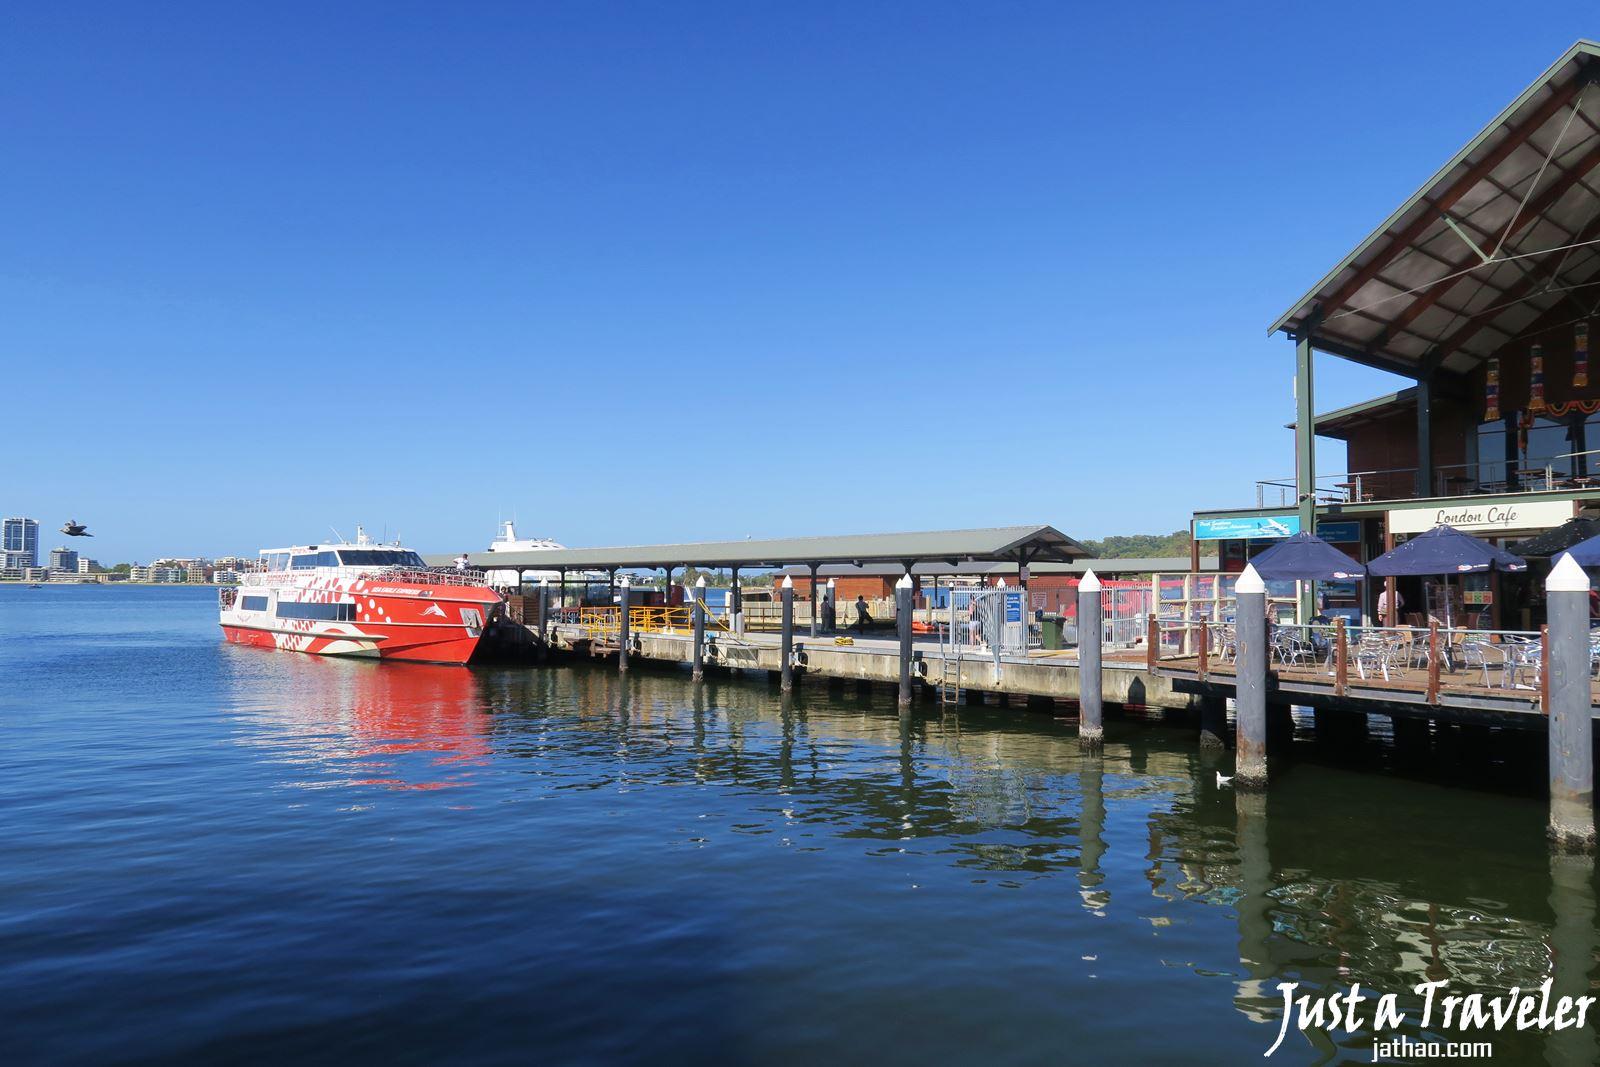 澳洲-西澳-伯斯-景點-羅特尼斯島-Rottnest Island-渡輪-港口-推薦-自由行-交通-旅遊-遊記-攻略-行程-一日遊-二日遊-必玩-必遊-Perth